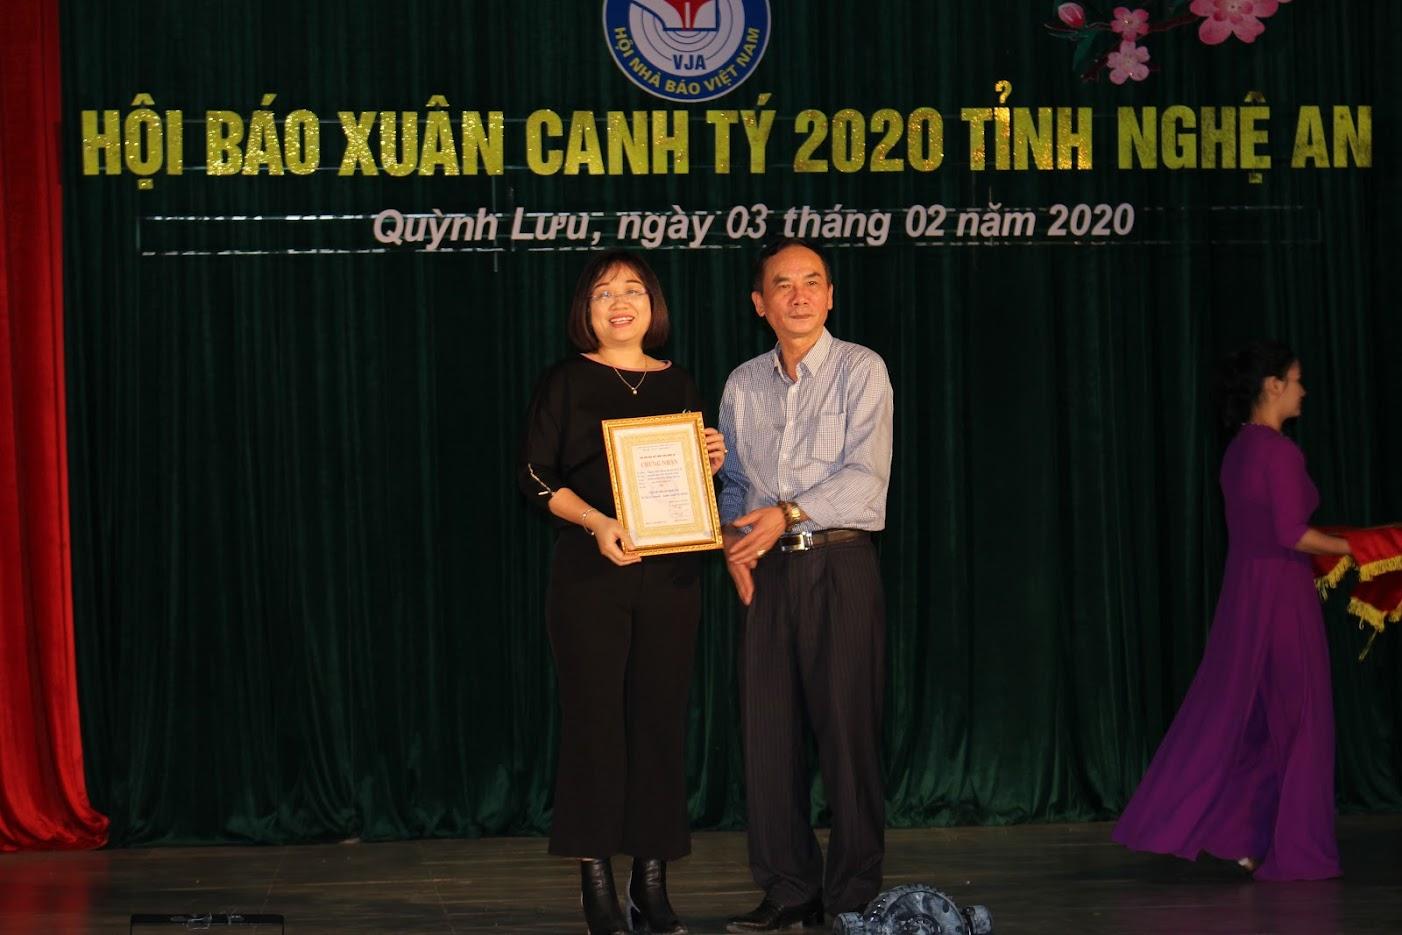 Đại tá Lê Xuân Hoài, Phó Giám đốc Công an tỉnh Nghệ An trao giải nhì cho tác phẩm truyền hìnhg xuất sắc